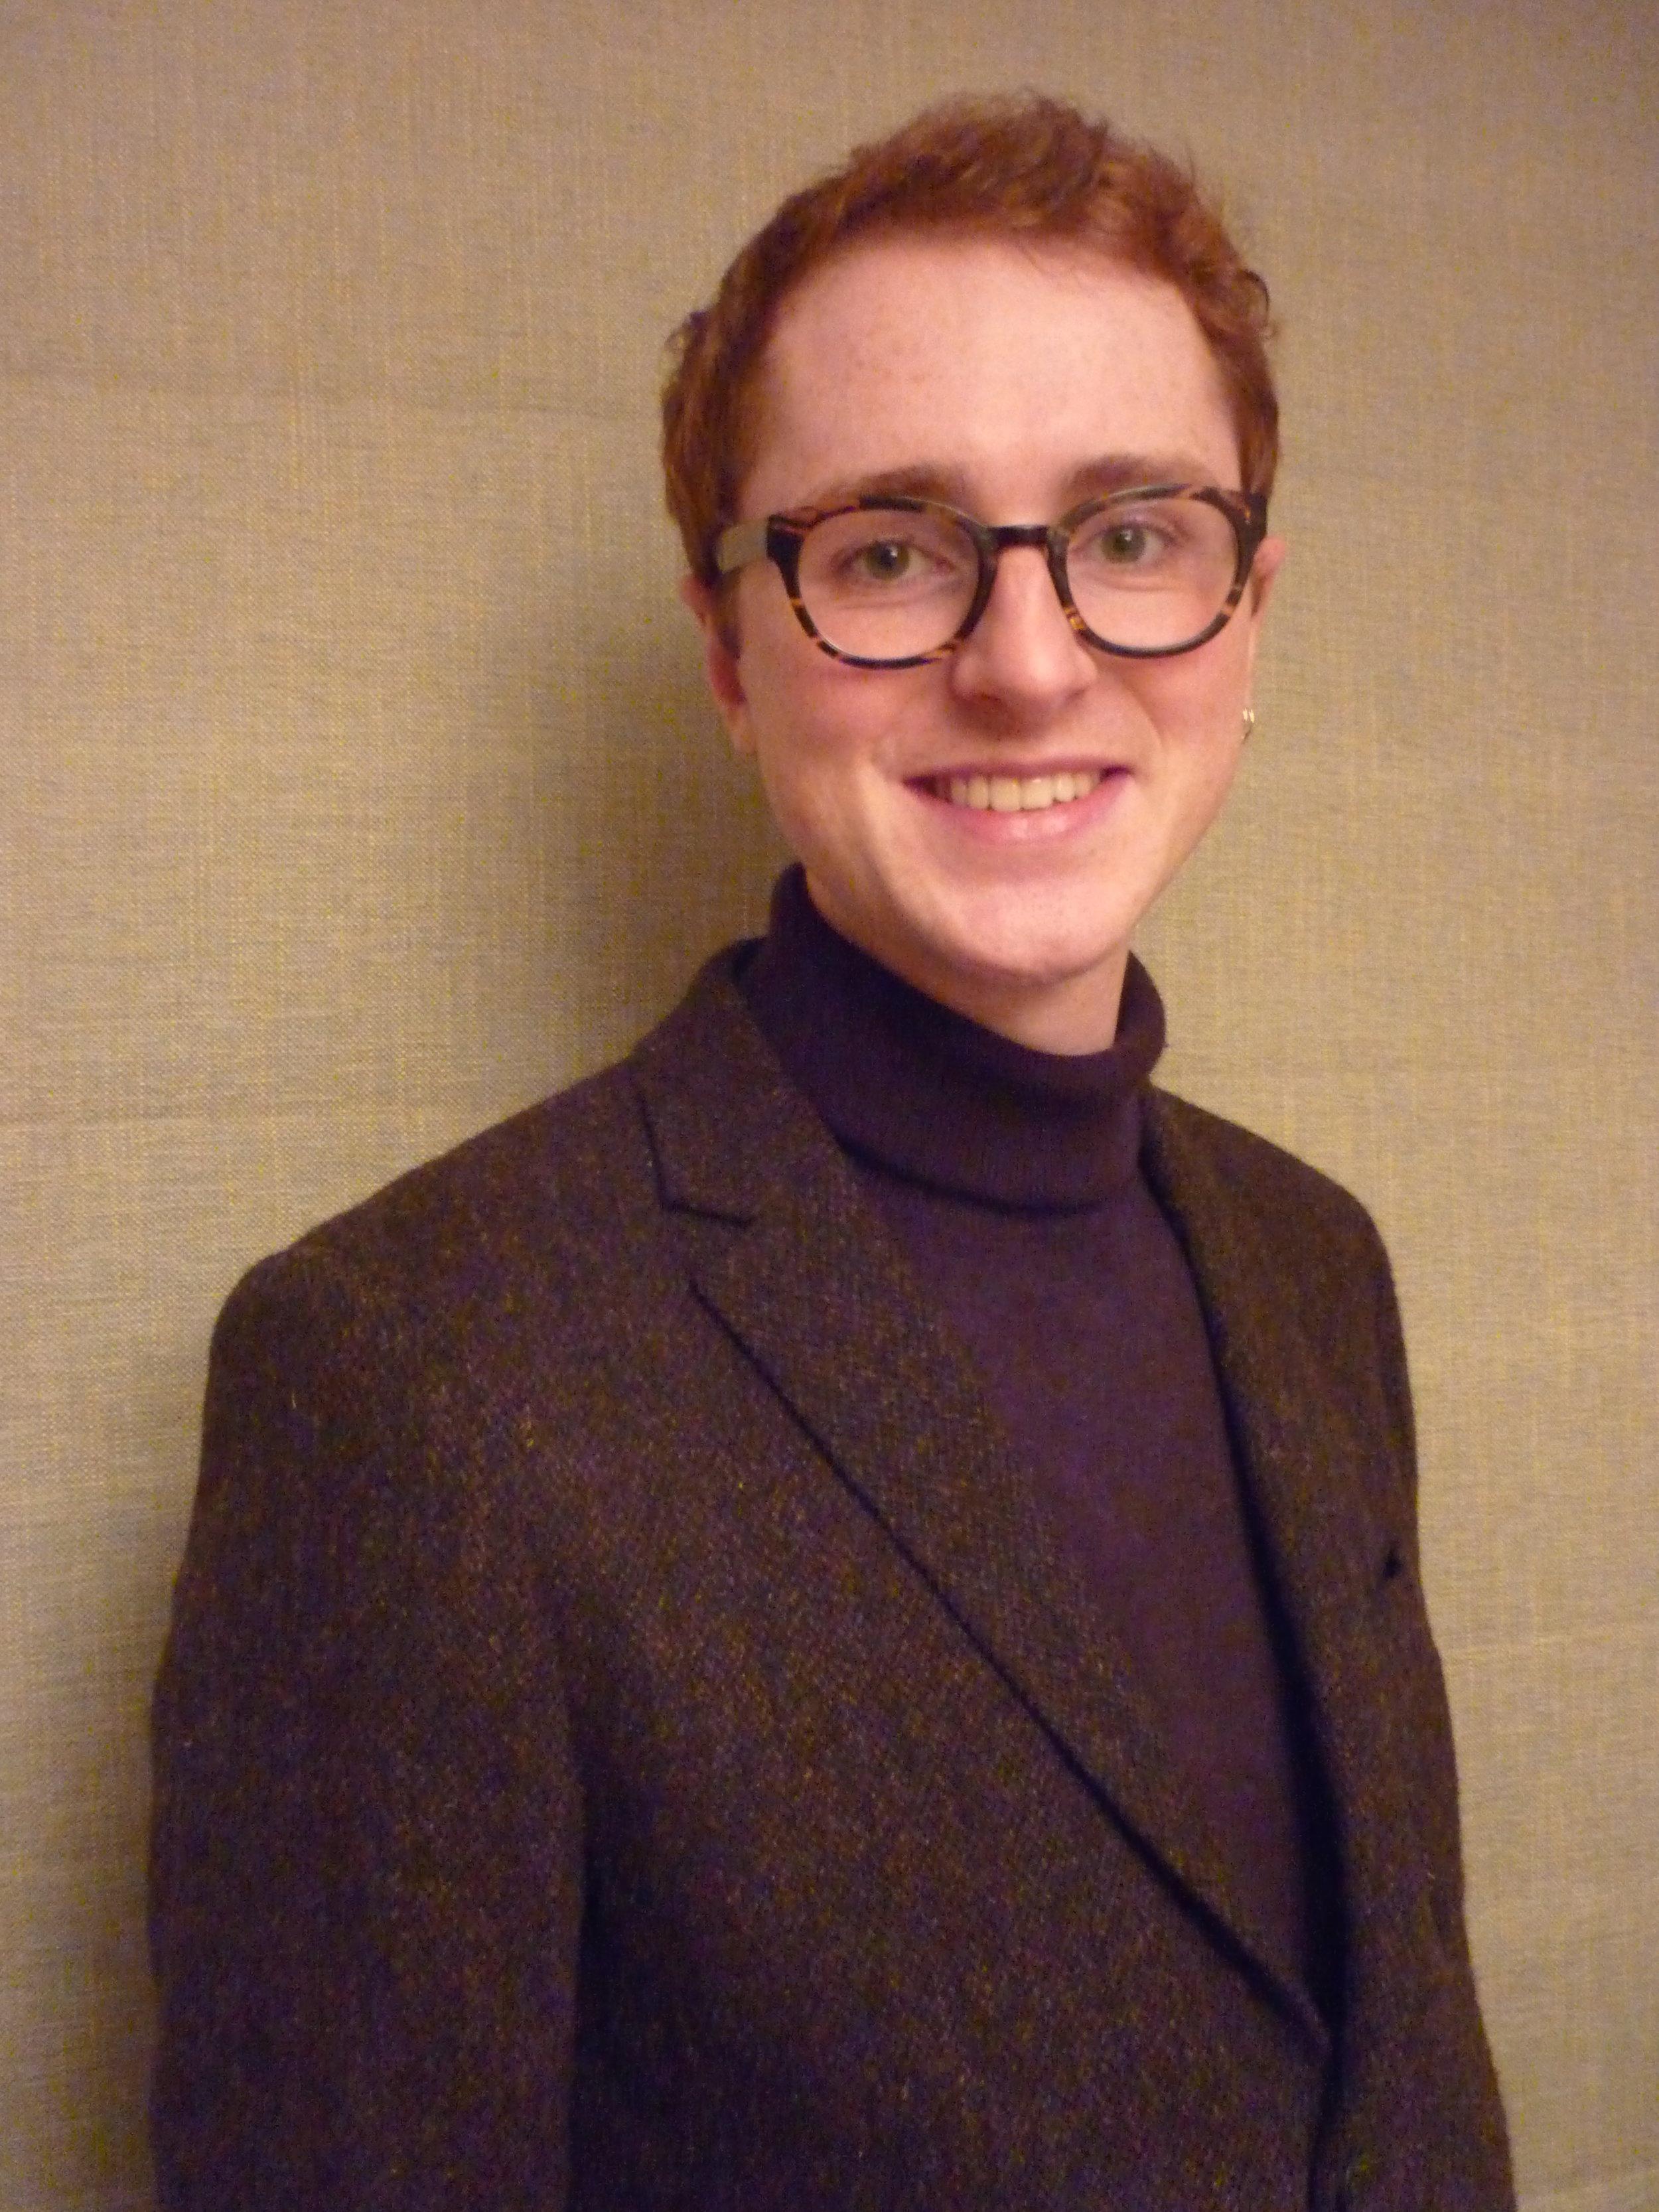 Rory Scothorne